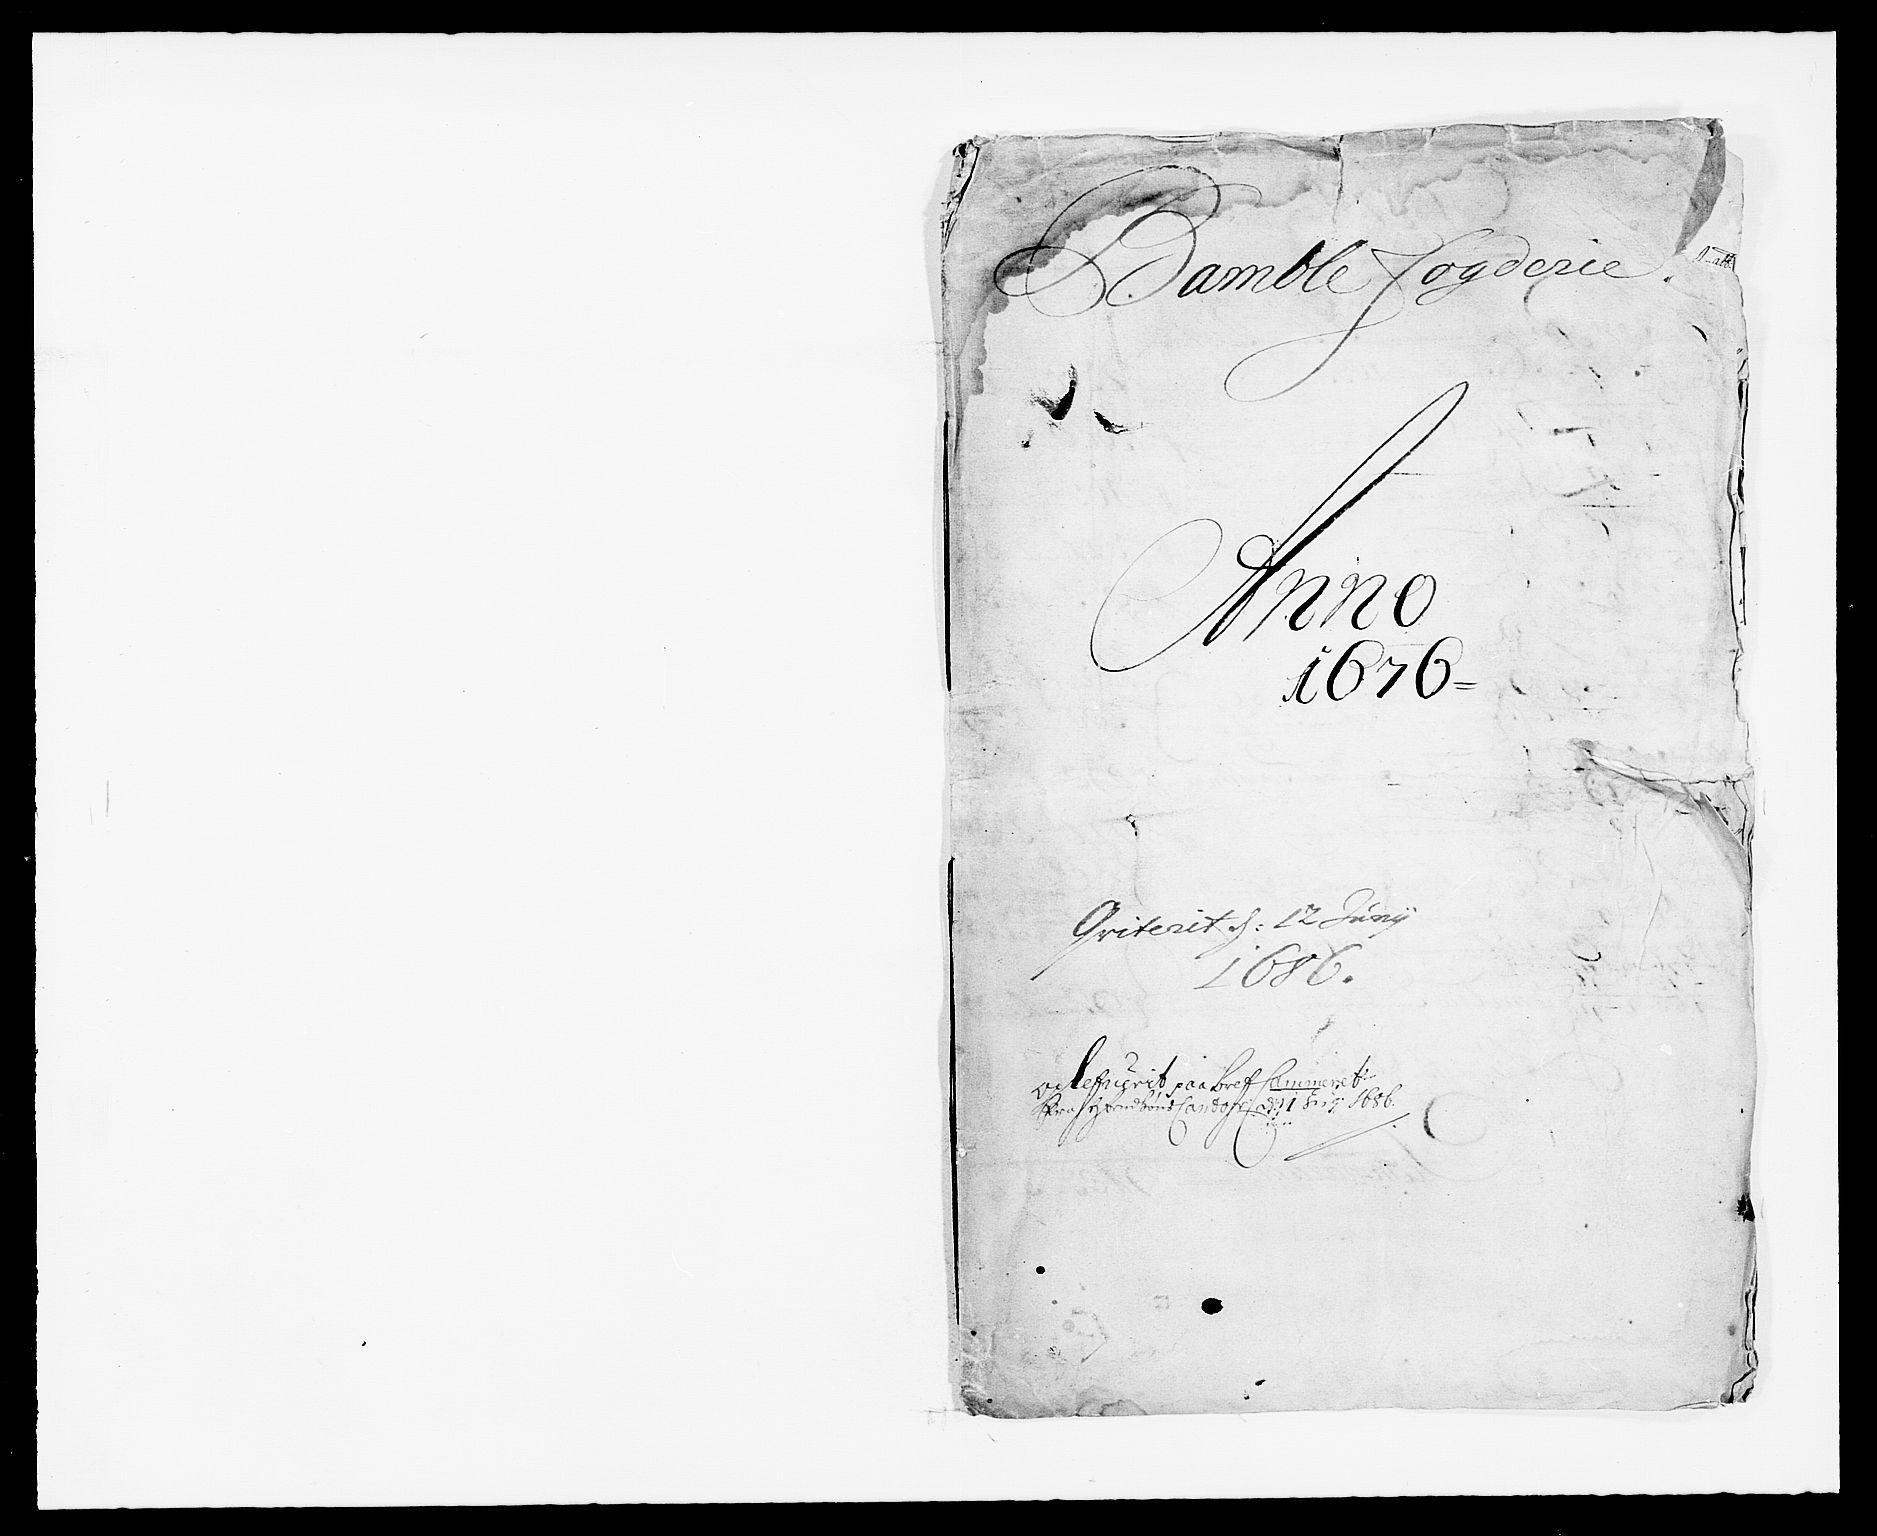 RA, Rentekammeret inntil 1814, Reviderte regnskaper, Fogderegnskap, R34/L2043: Fogderegnskap Bamble, 1676-1677, s. 1